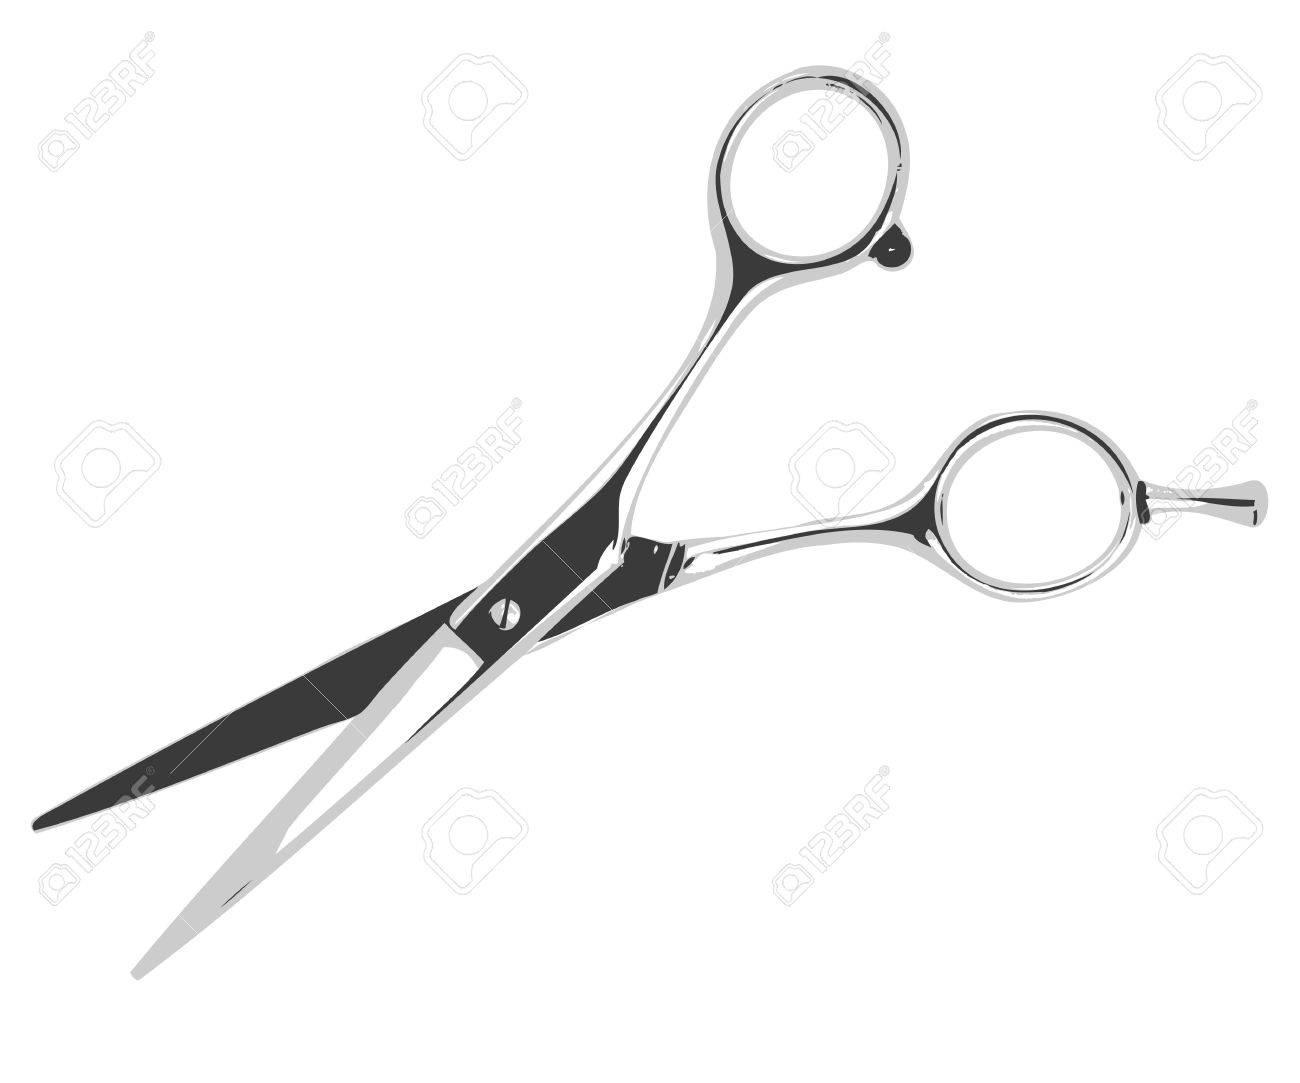 Illustration barber scissors isolated on white background. Standard-Bild - 15476366